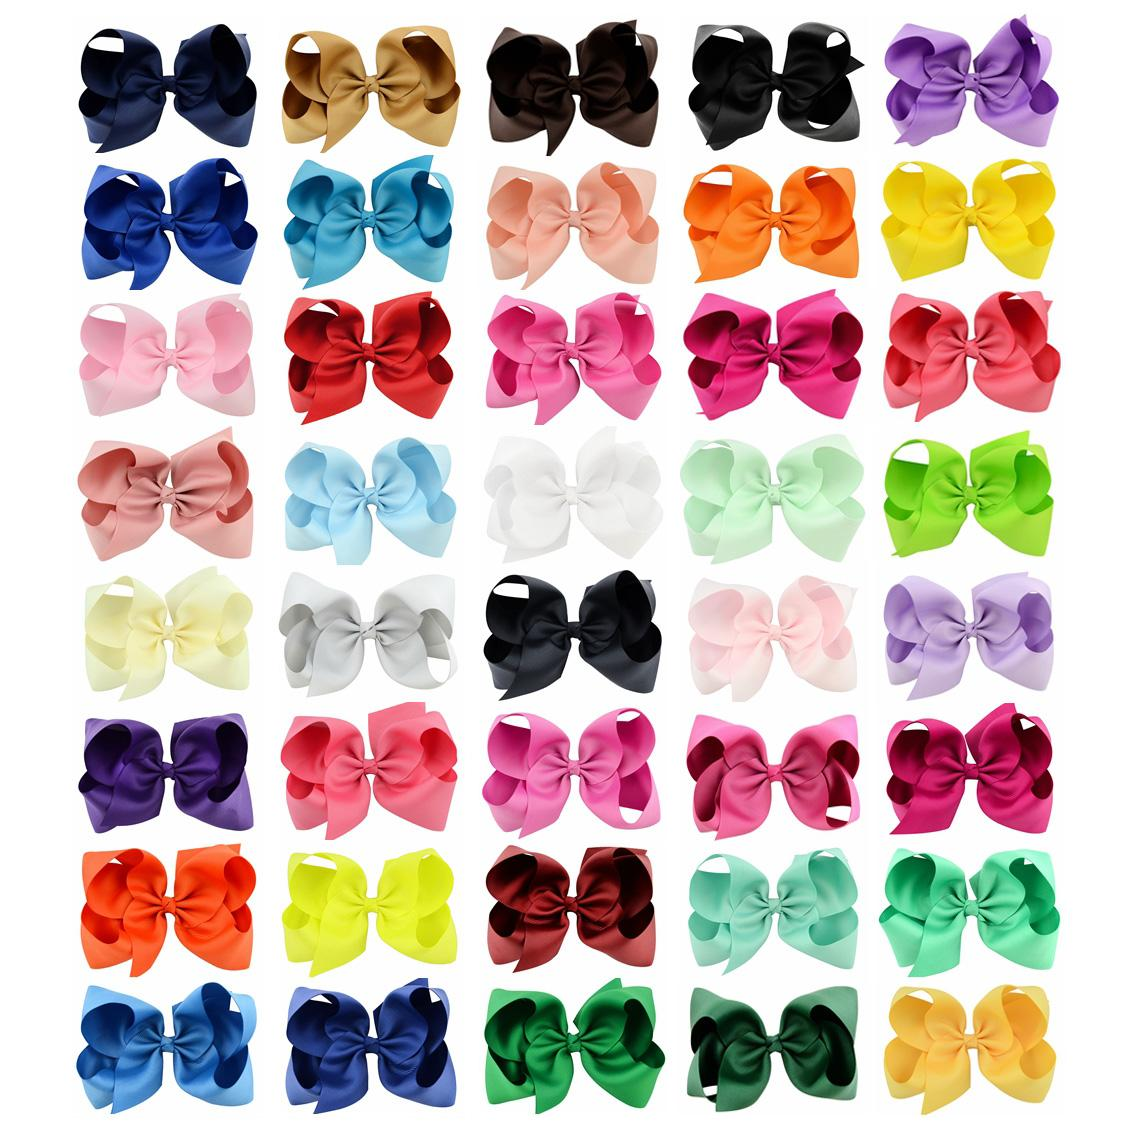 40 ألوان 6 بوصة أزياء الطفل الشريط القوس مقاطع دبوس الشعر الفتيات كبير bowknot باريت أطفال الشعر بوتيك الانحناء الأطفال اكسسوارات للشعر KFJ125